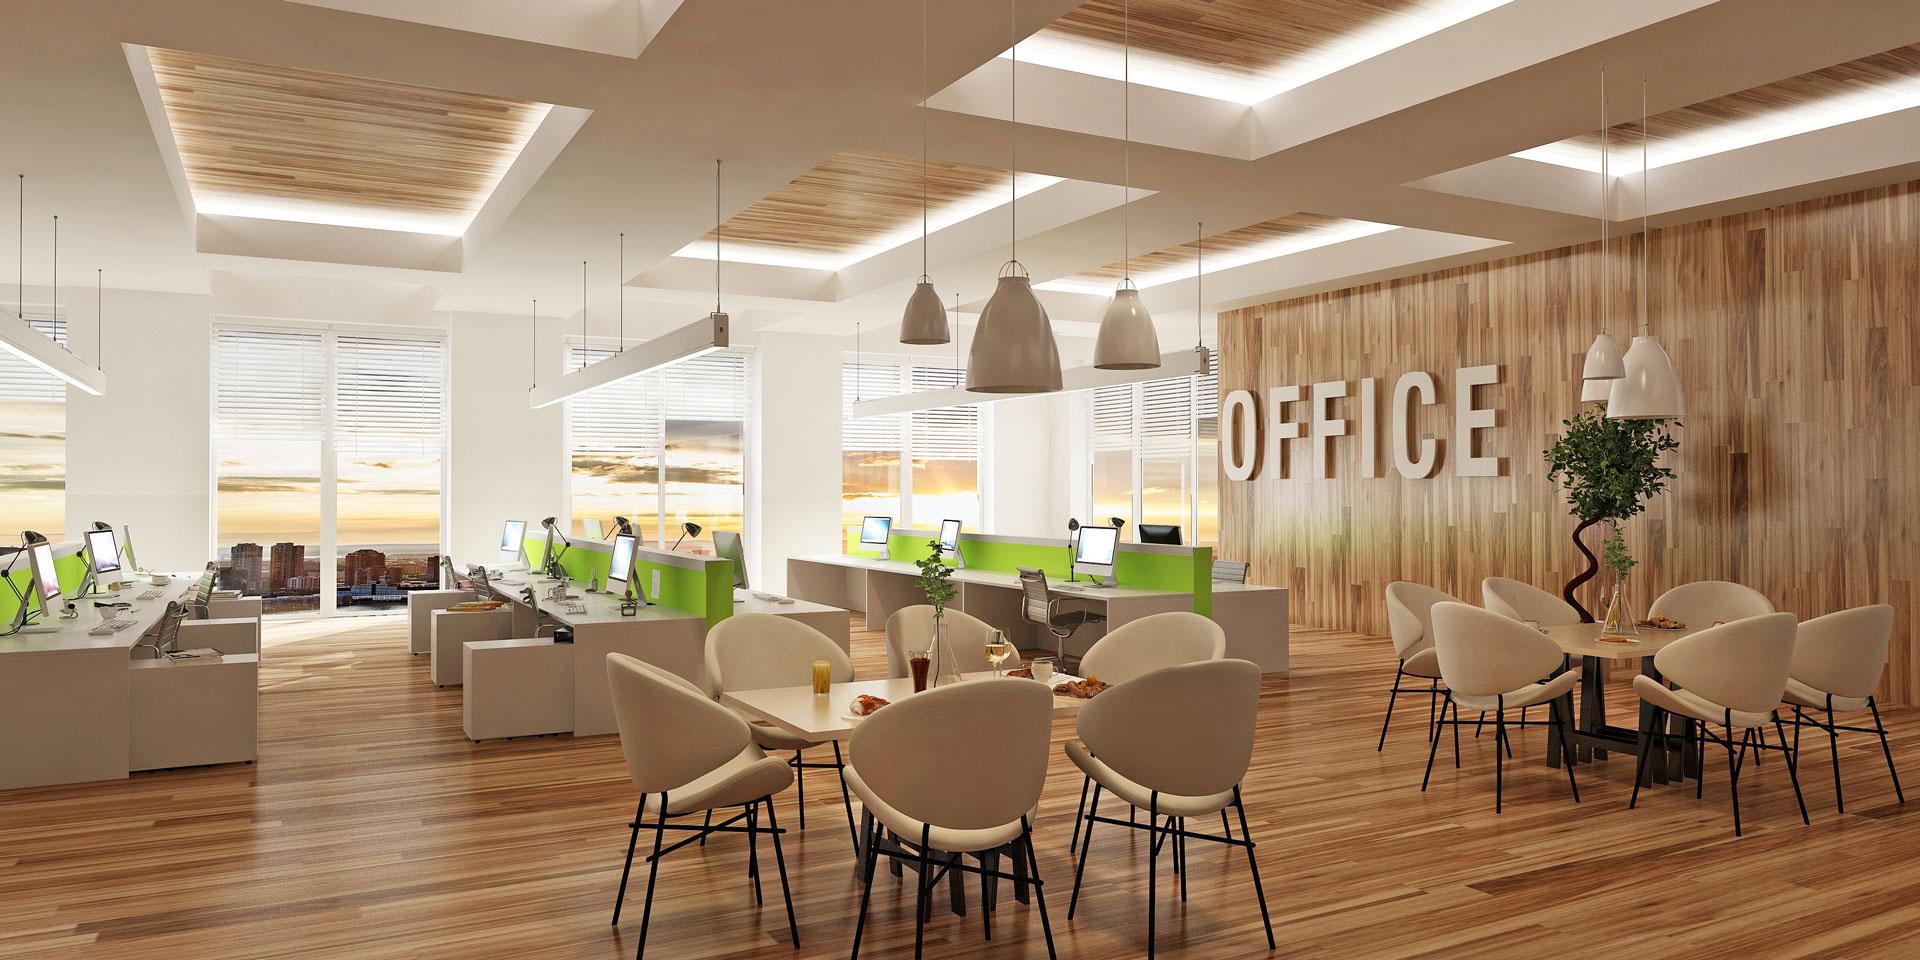 Büro Beleuchtung Office